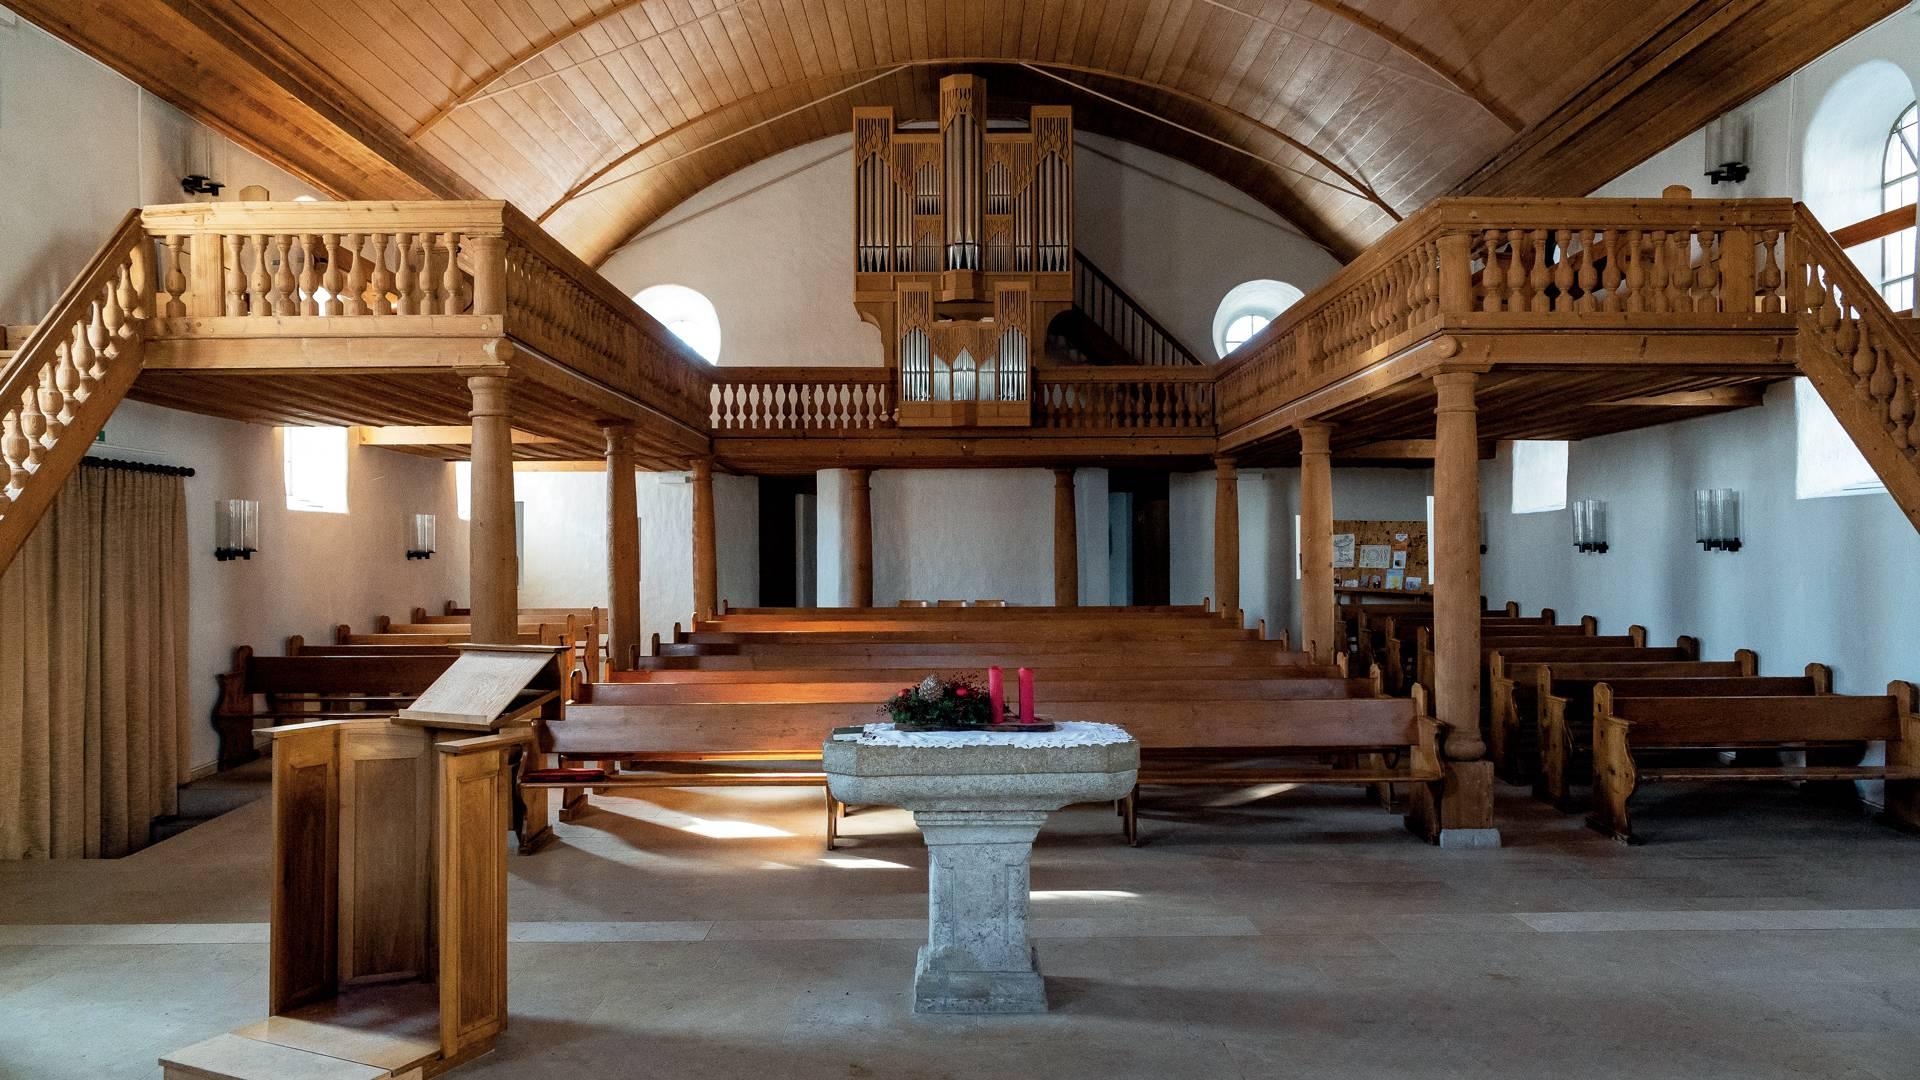 Eglise réformée, Renan © Giona Mottura